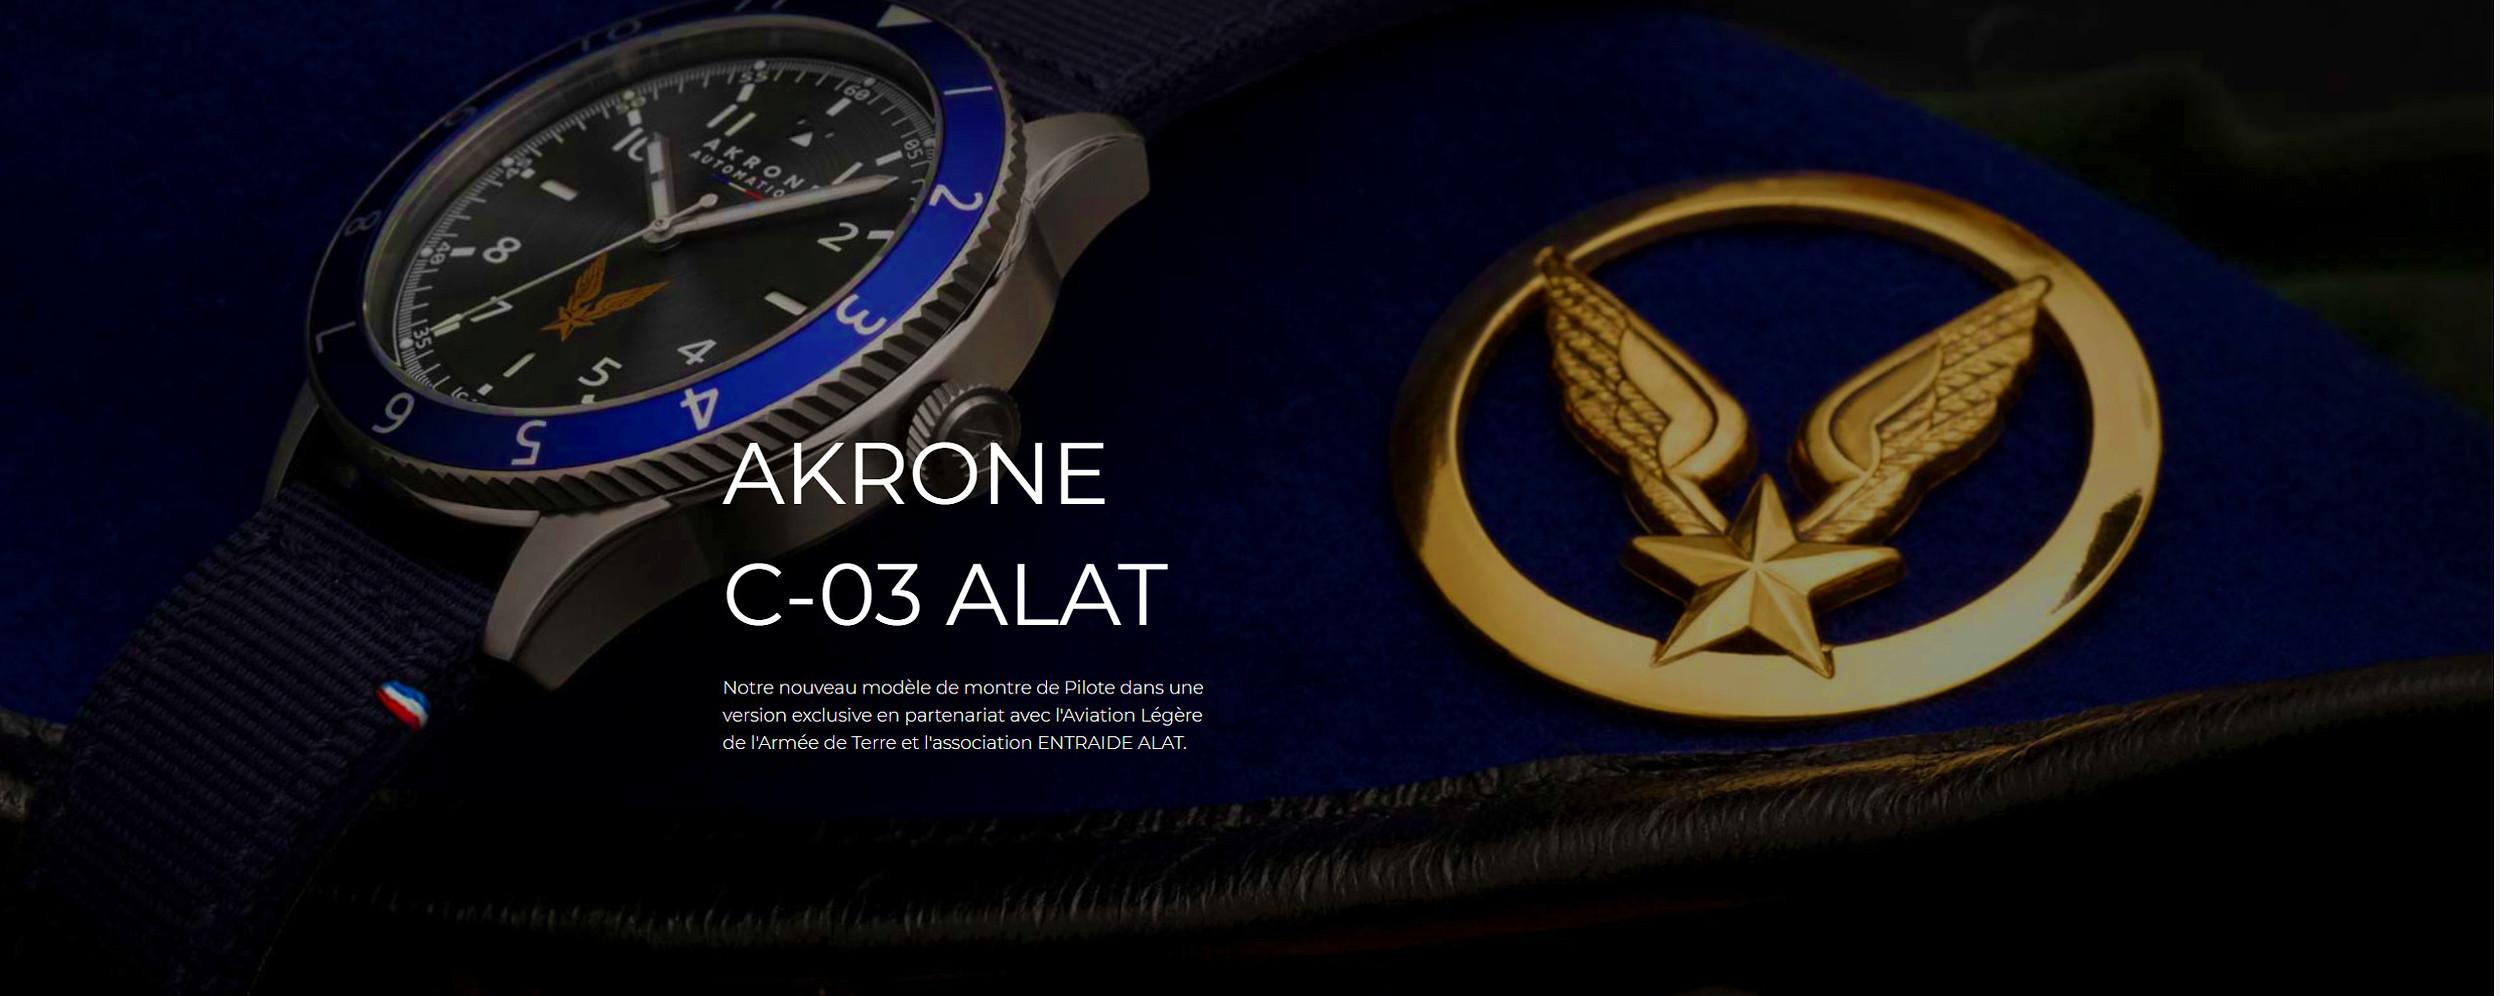 AKRONE C-03 ALAT